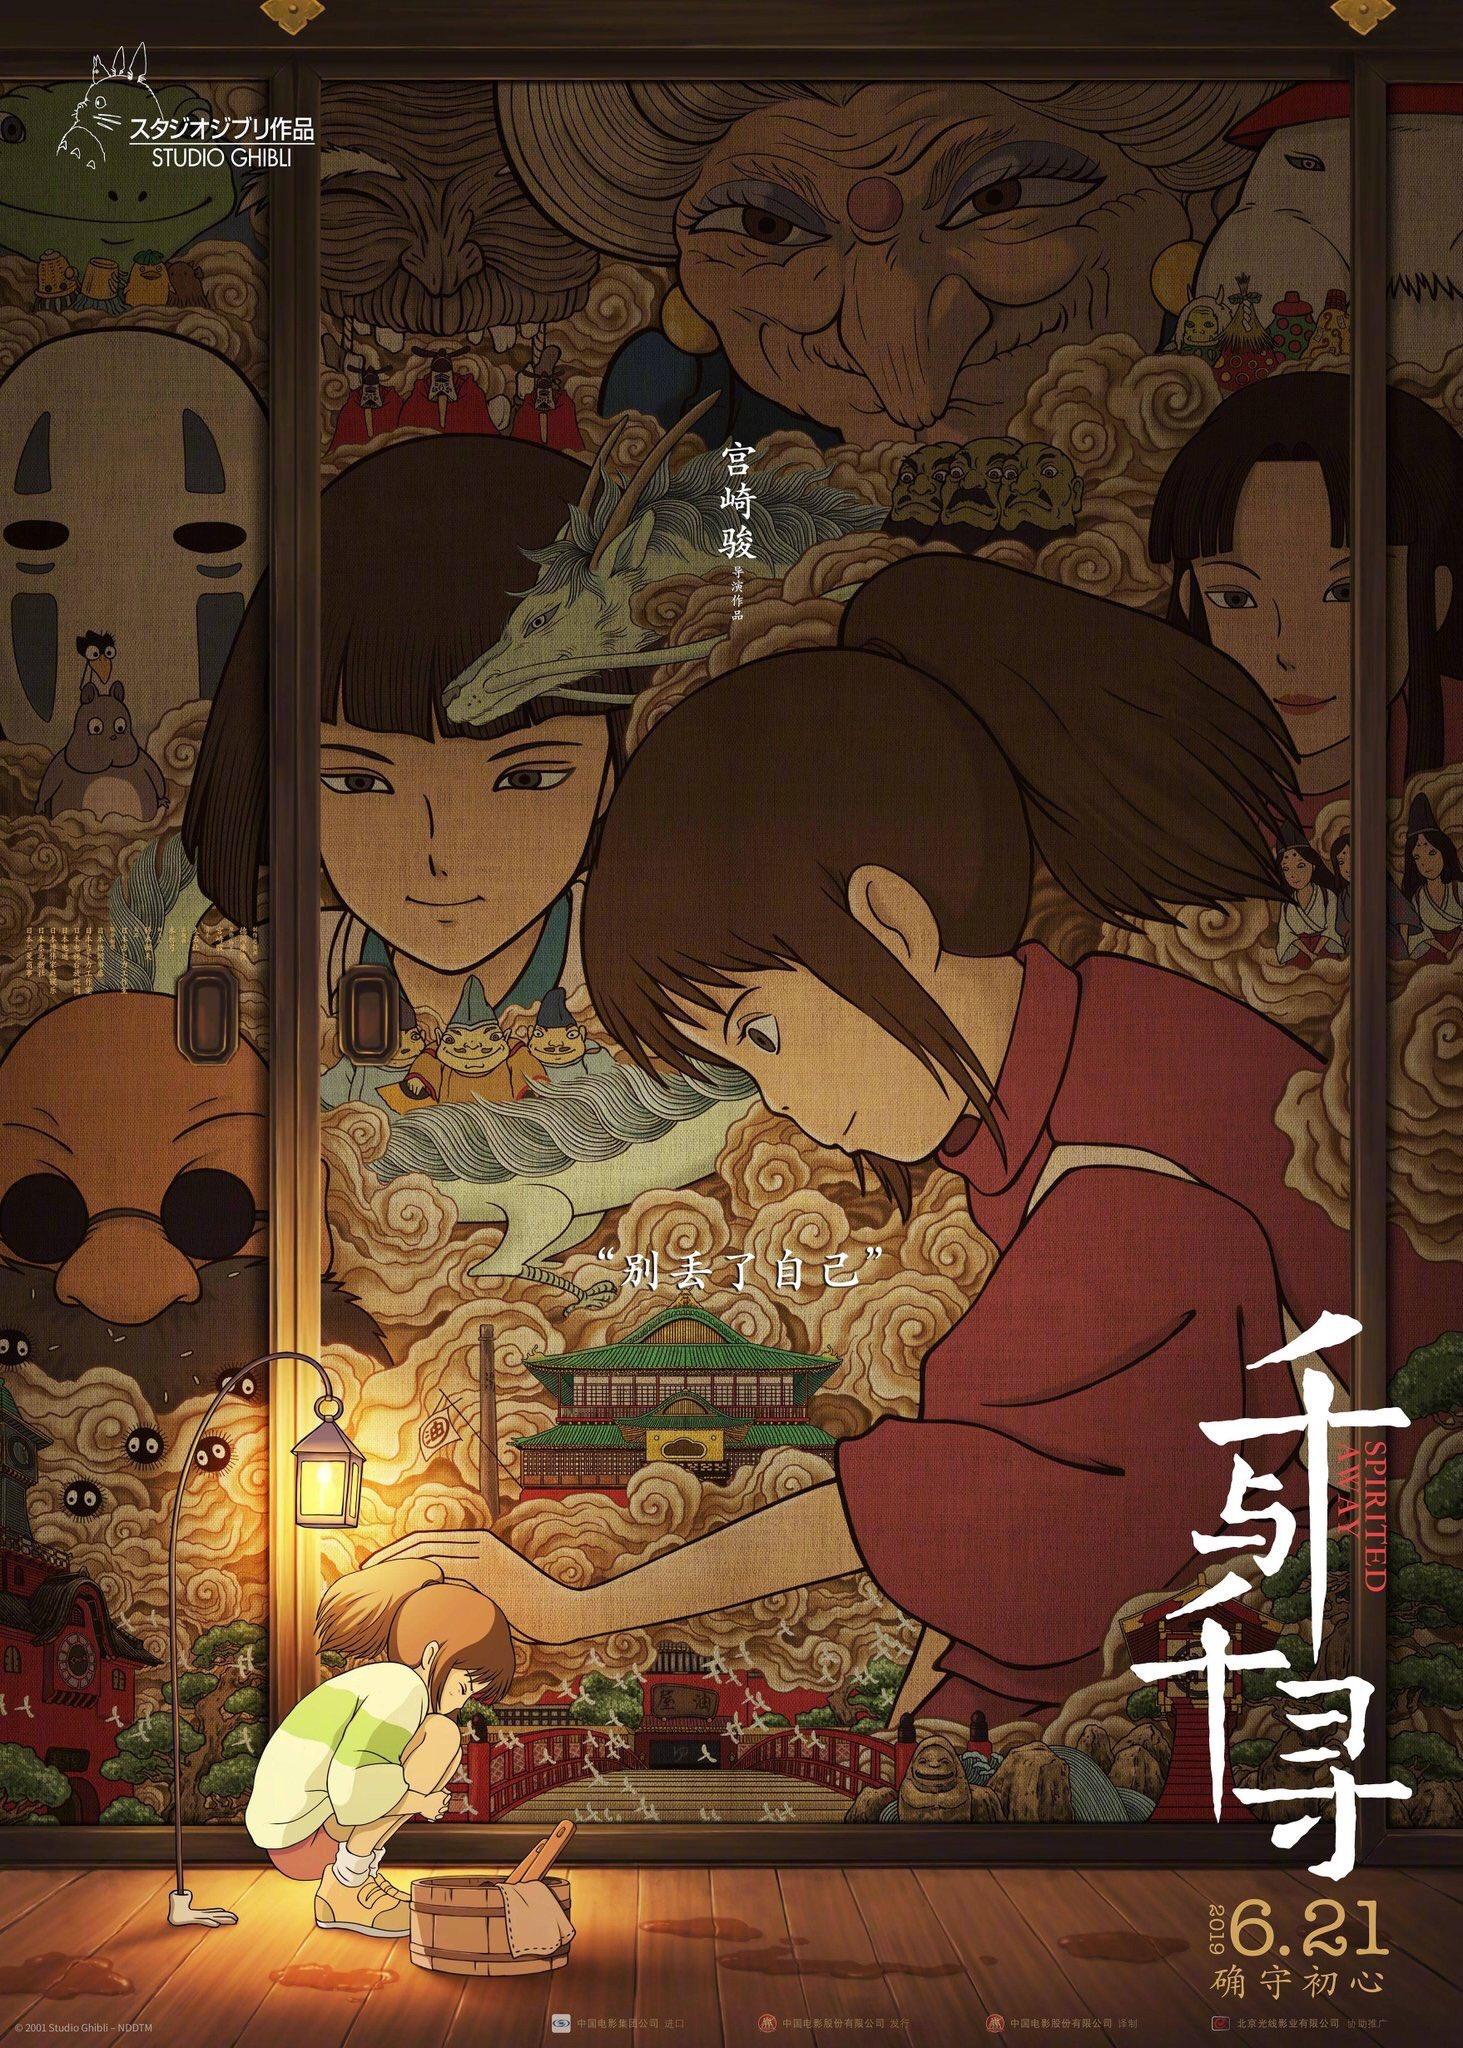 6月21日に中国で劇場公開が決定した<br>「千と千尋の神隠し」のポスターがとても美しい。